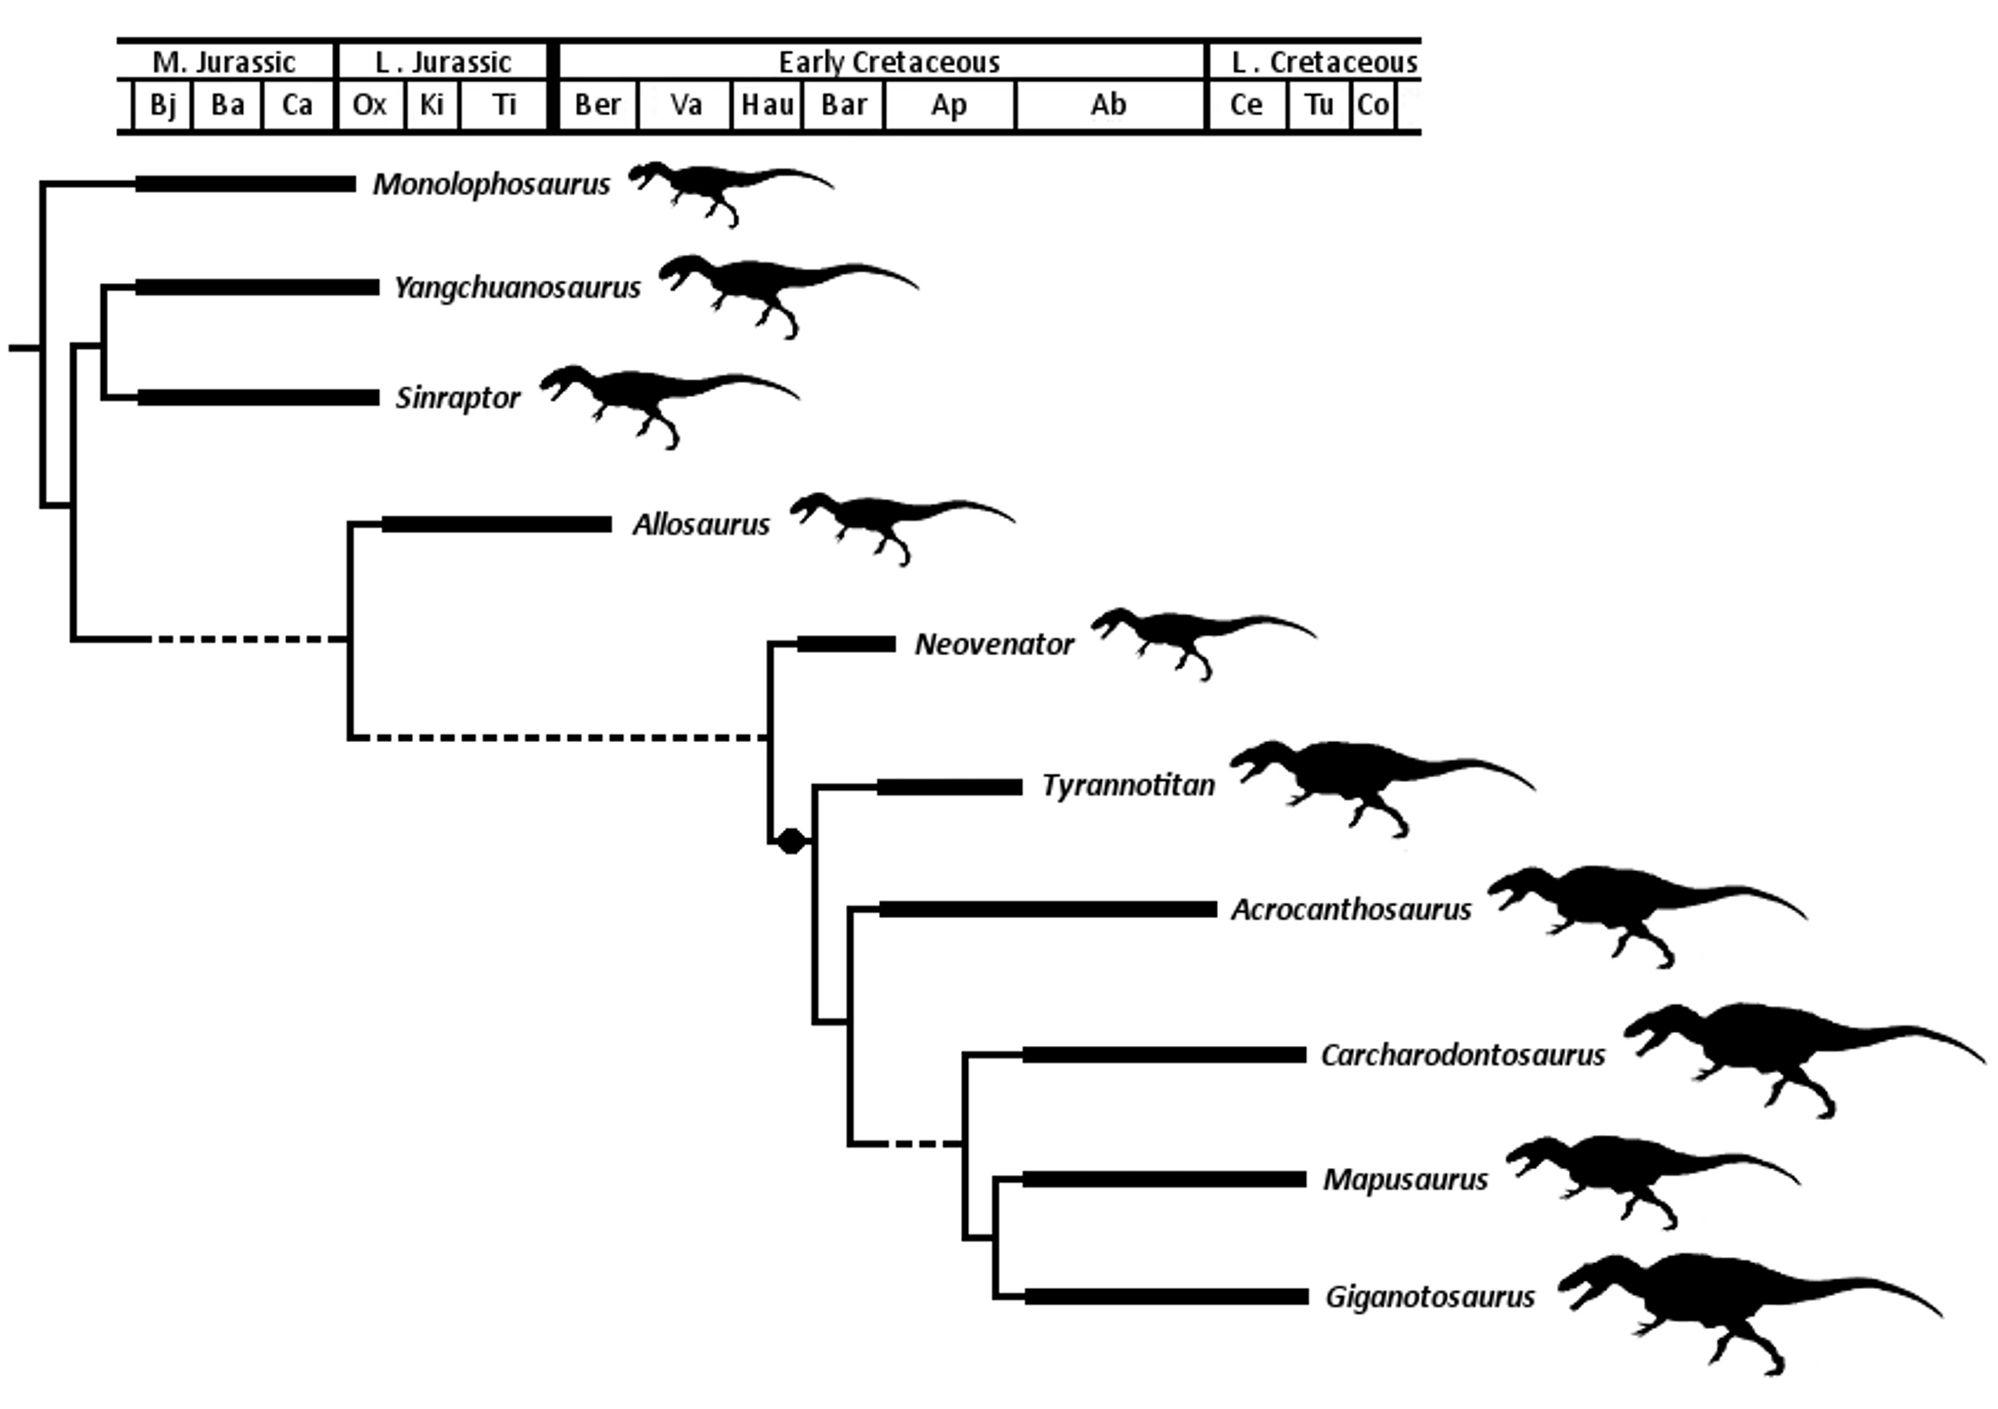 Phylogramme Et Comparaison De Taille Des Allosauroidea